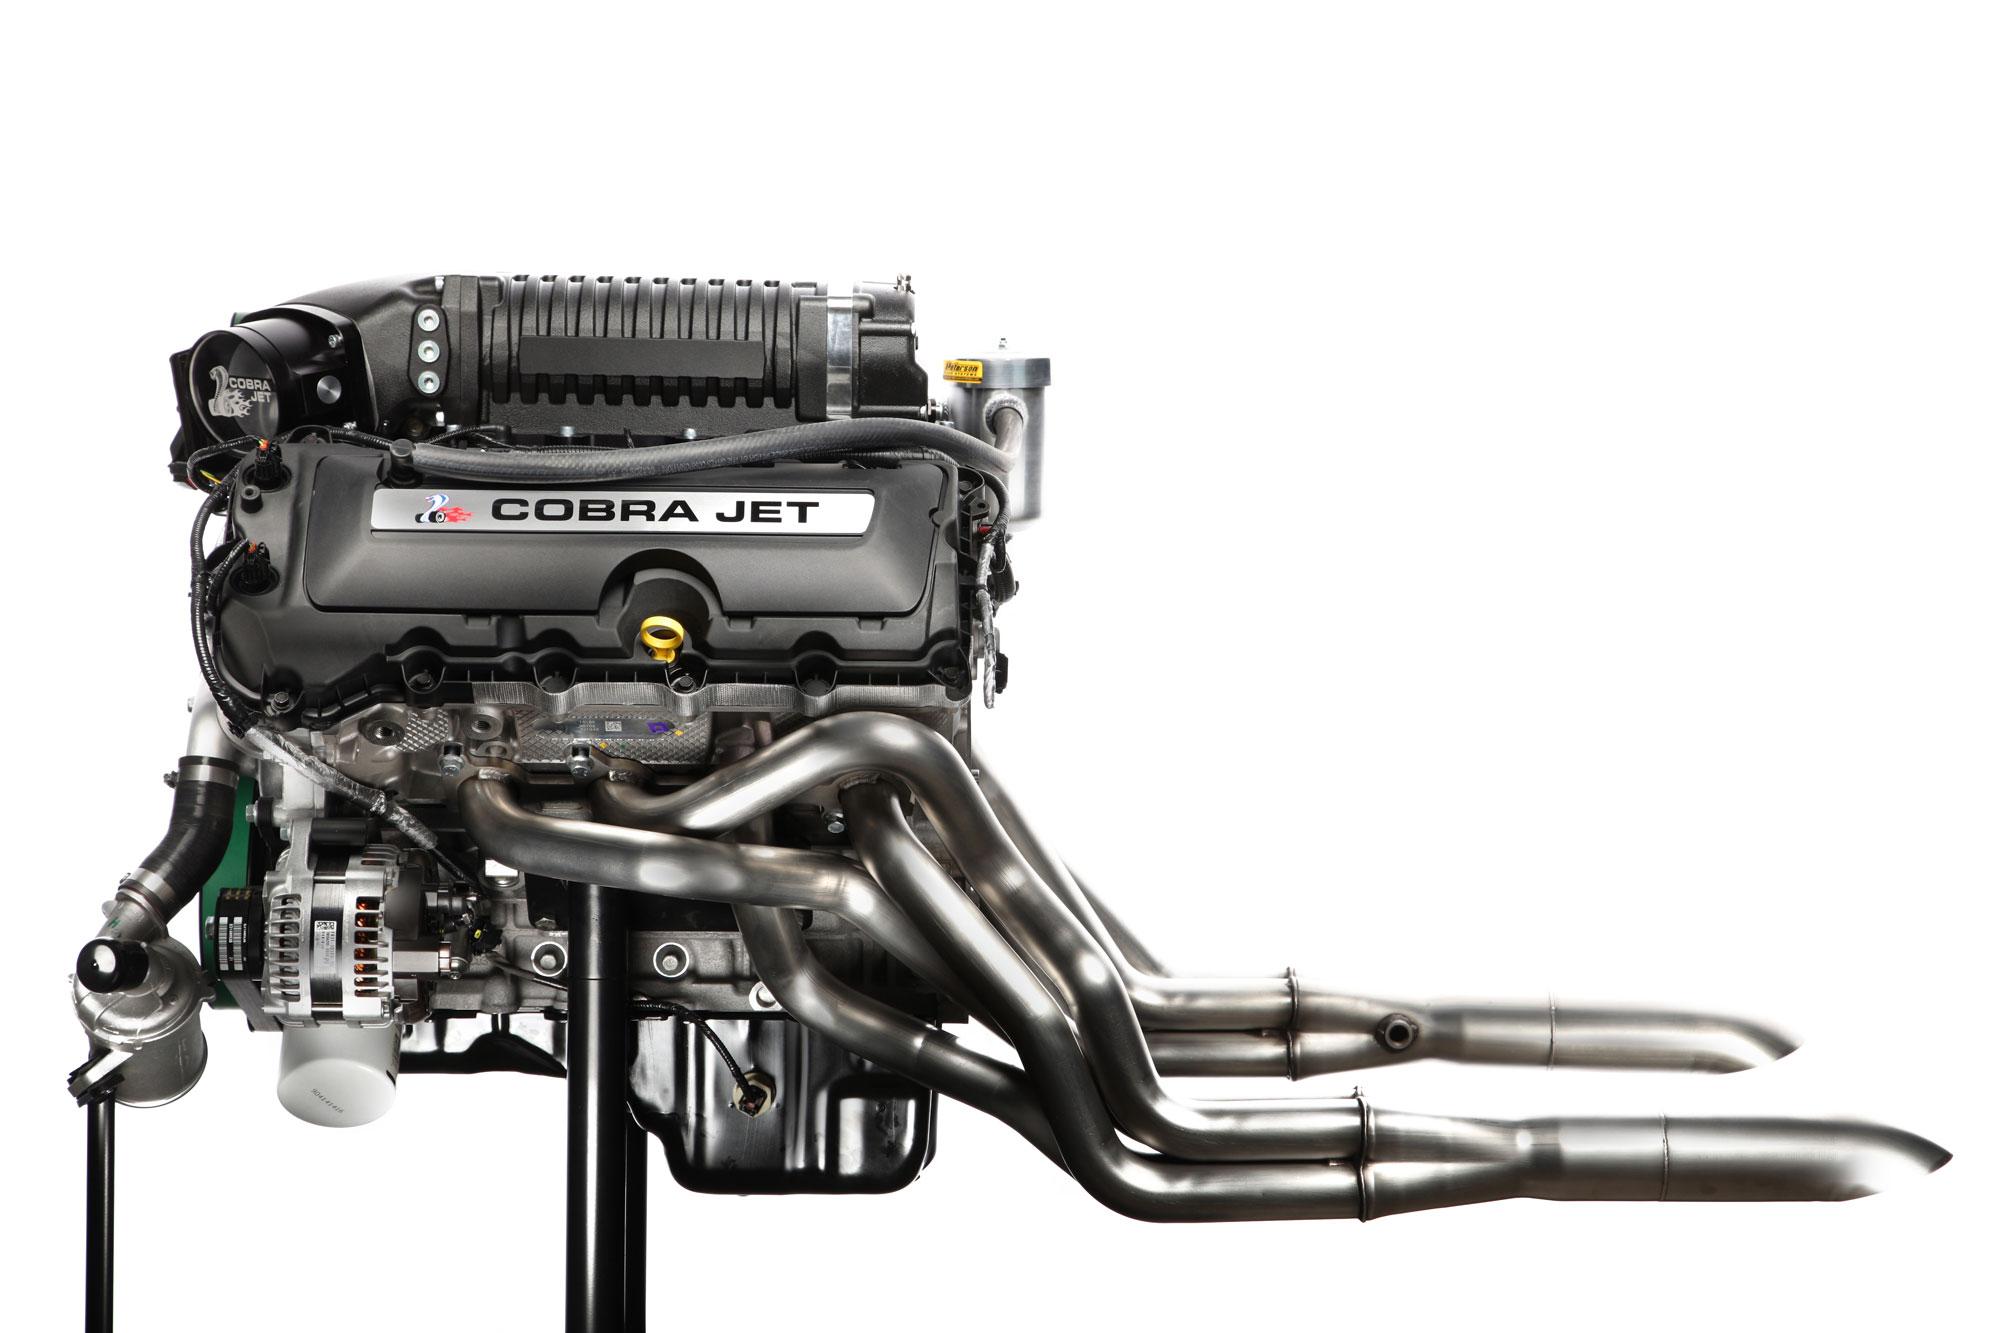 Ford Cobra Jet engine profile